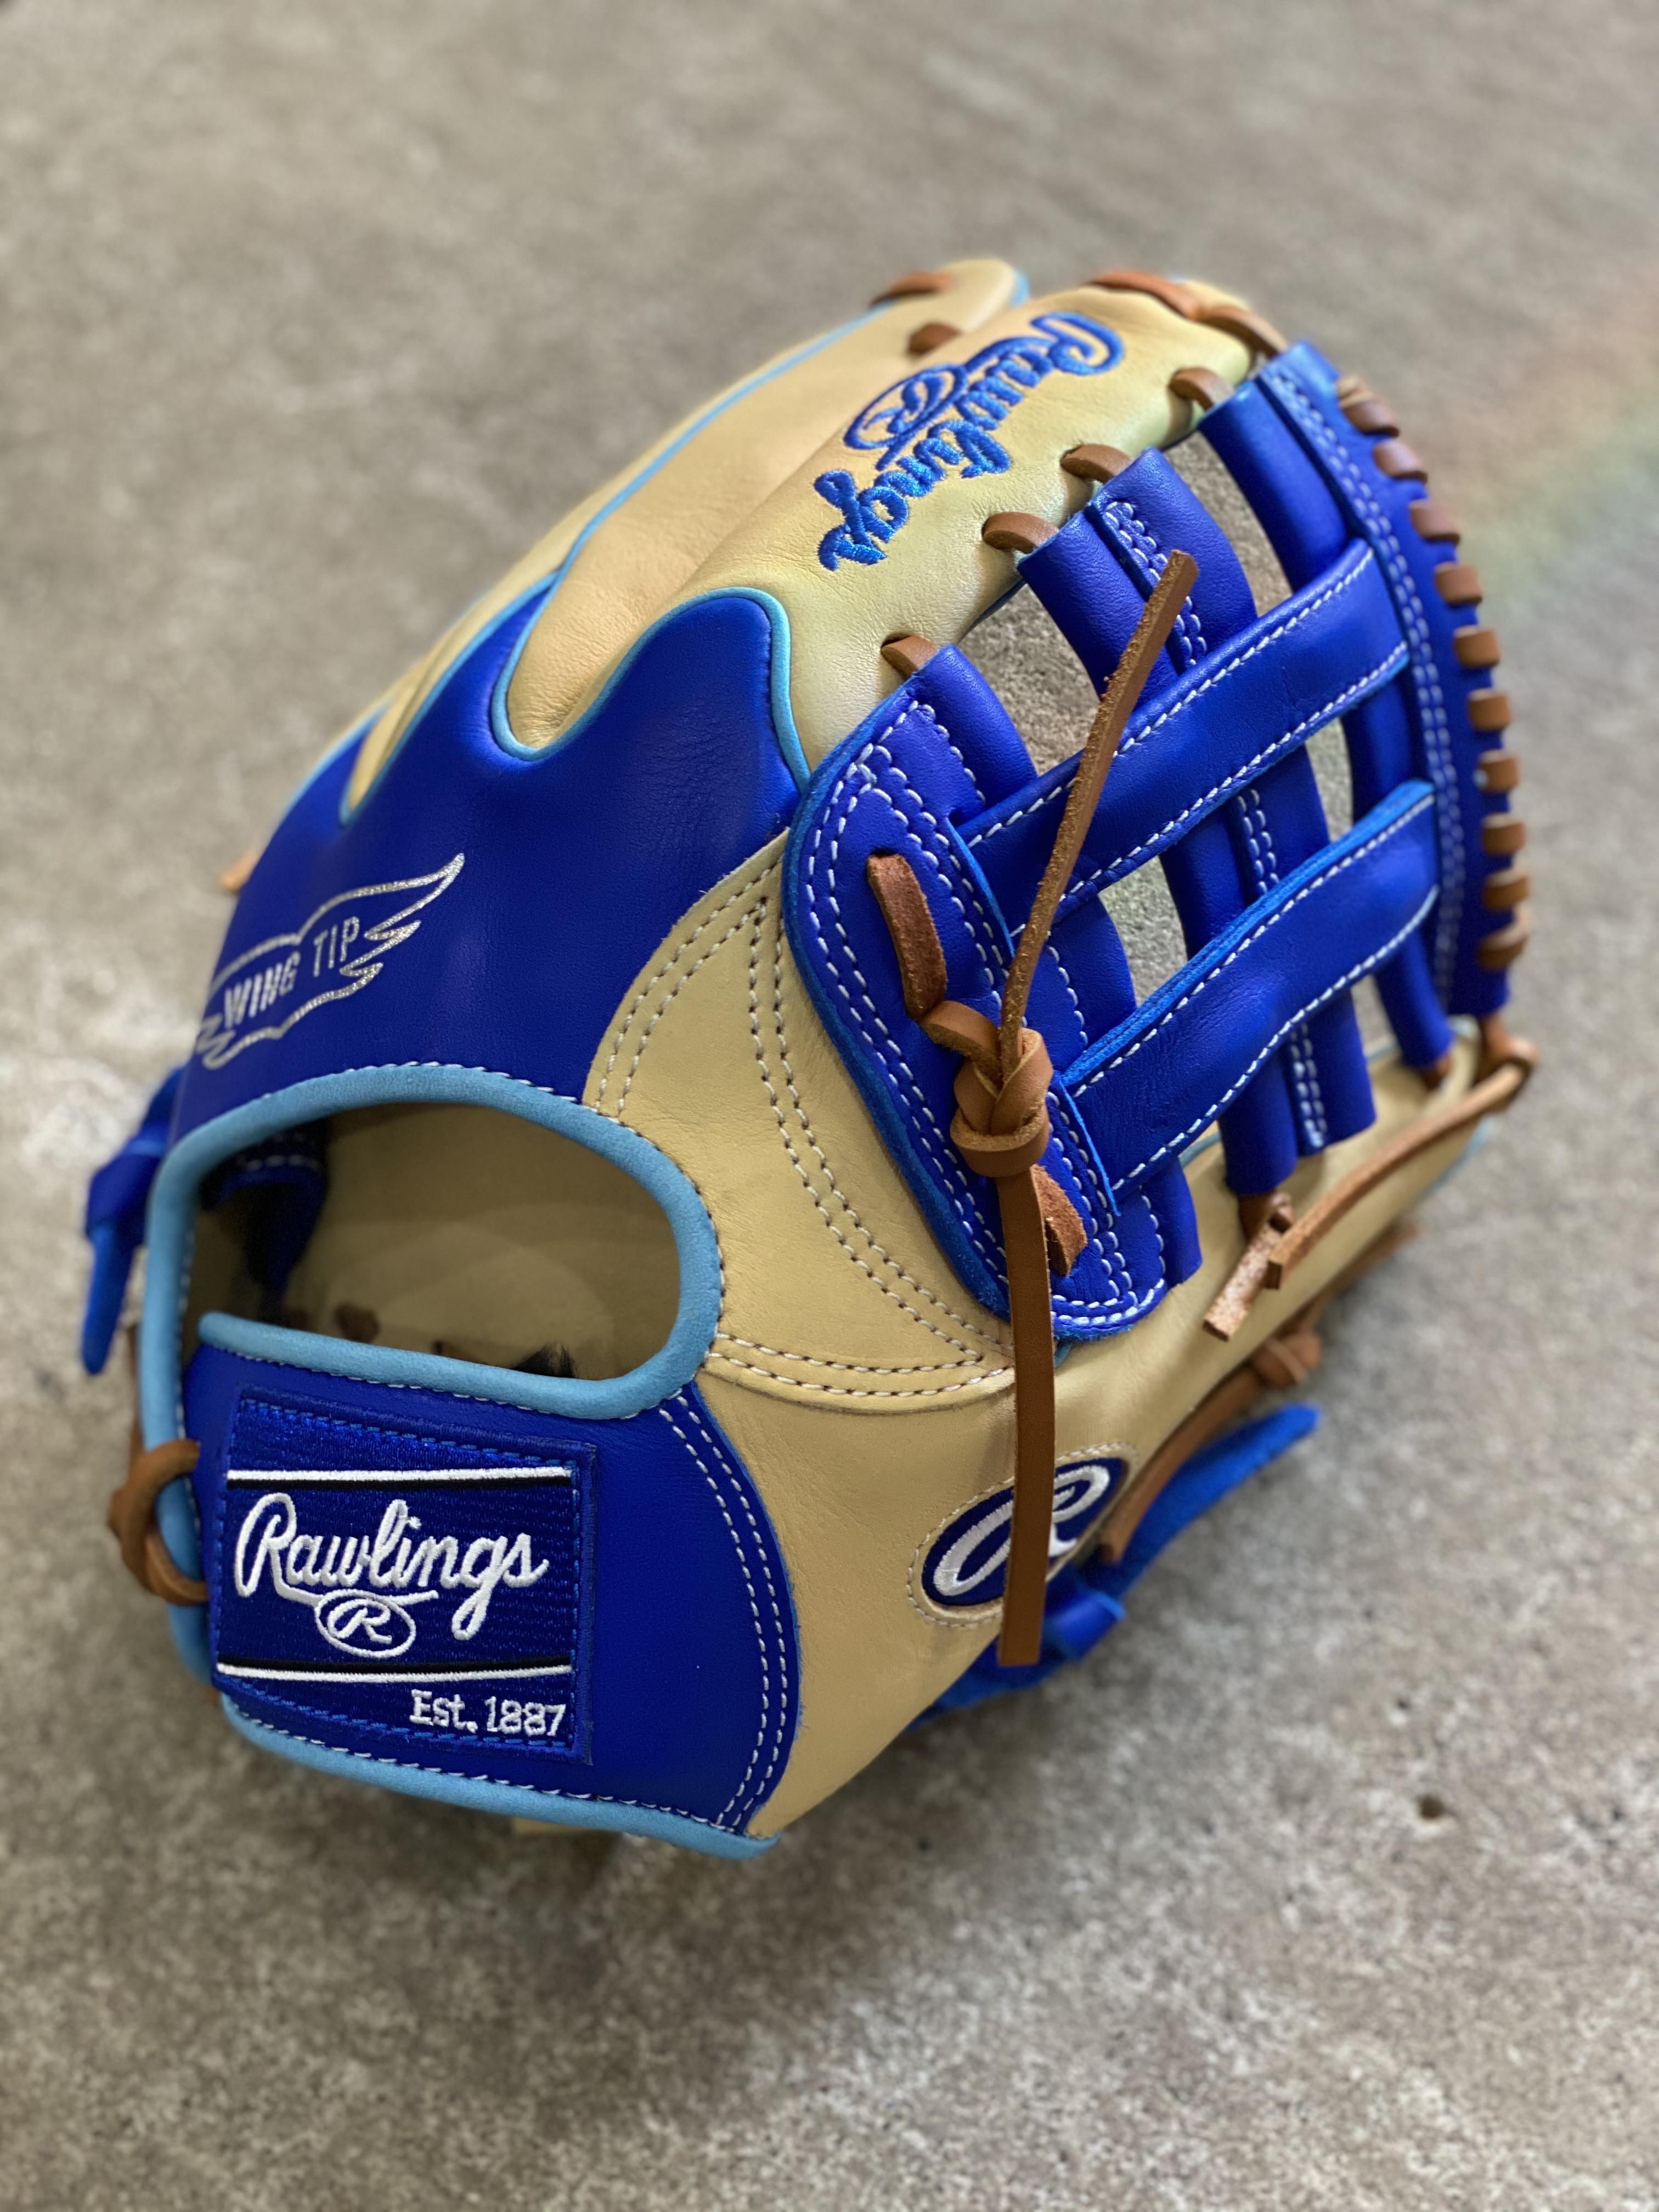 【送料無料】 ローリングス RAWLINGS 軟式 HOH MLB カラーシンク  内野手用  サイズ 11.25インチ